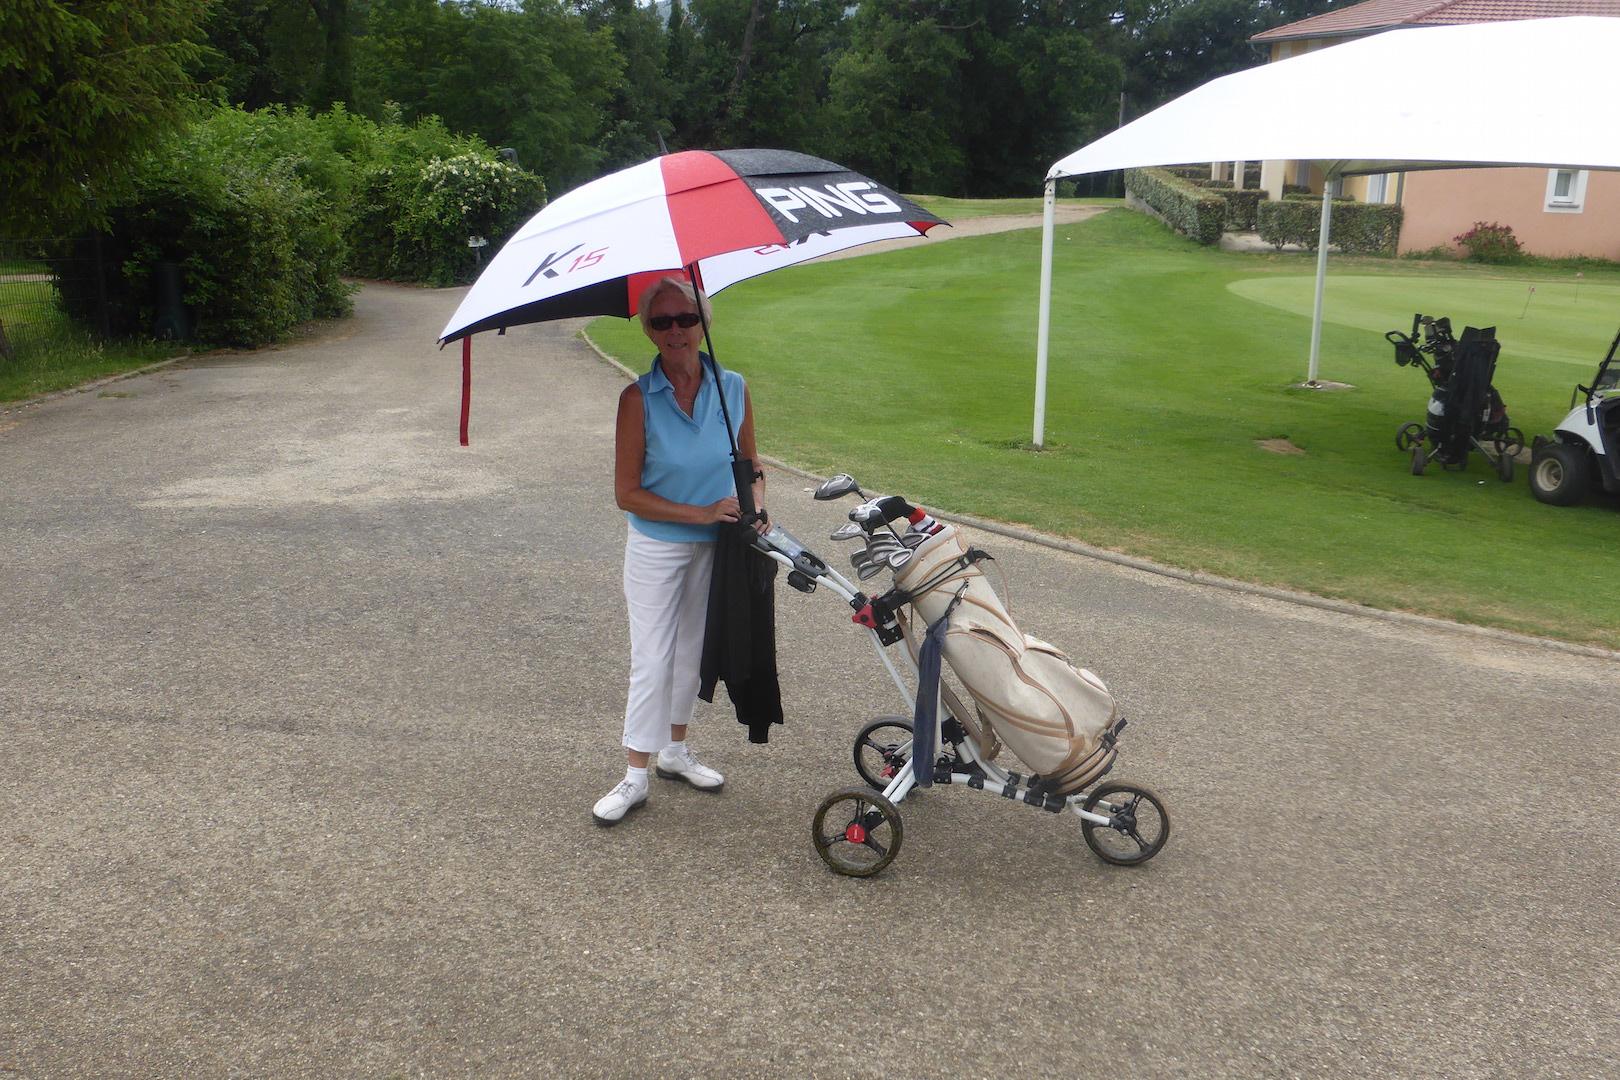 La pluie se mit à tomber après l'arrivée des joueurs, et l'on vit de jolis parapluies